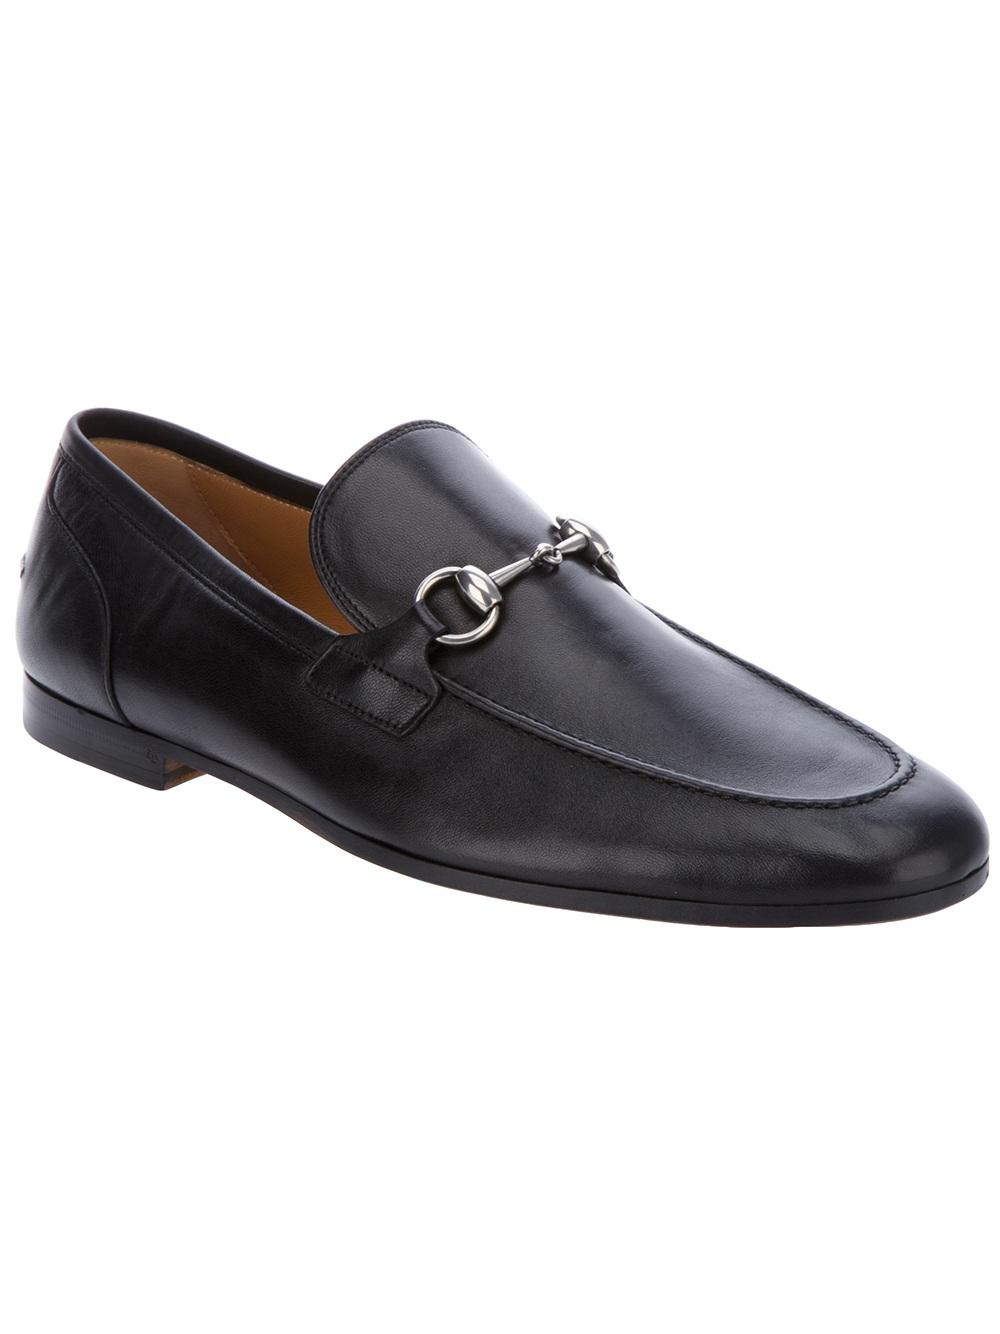 Donald J Pliner Mens Shoes Review